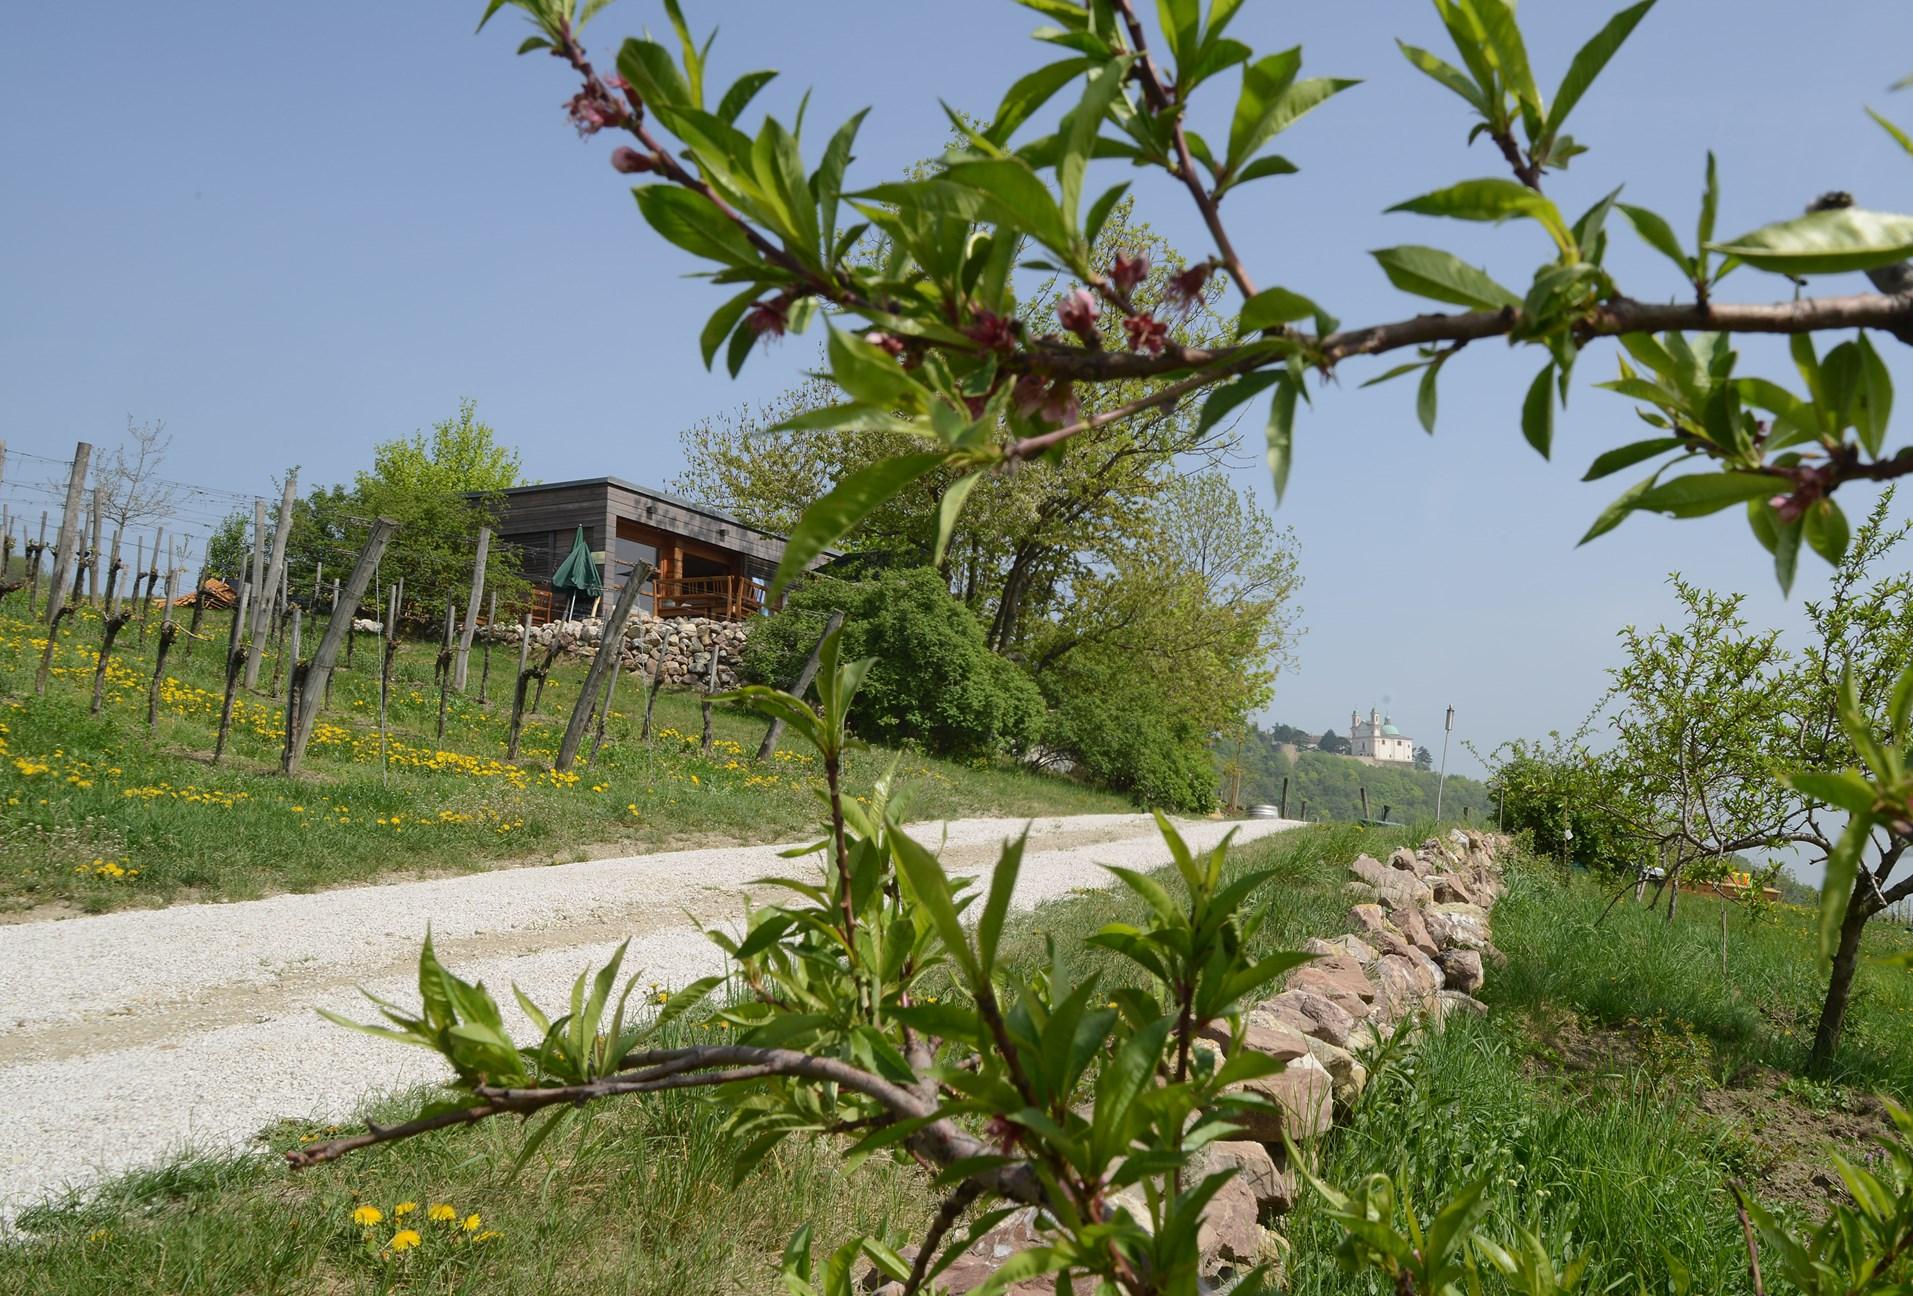 Blick durch Weingartenpfirsichbaeume - Theresa Bentz.jpg